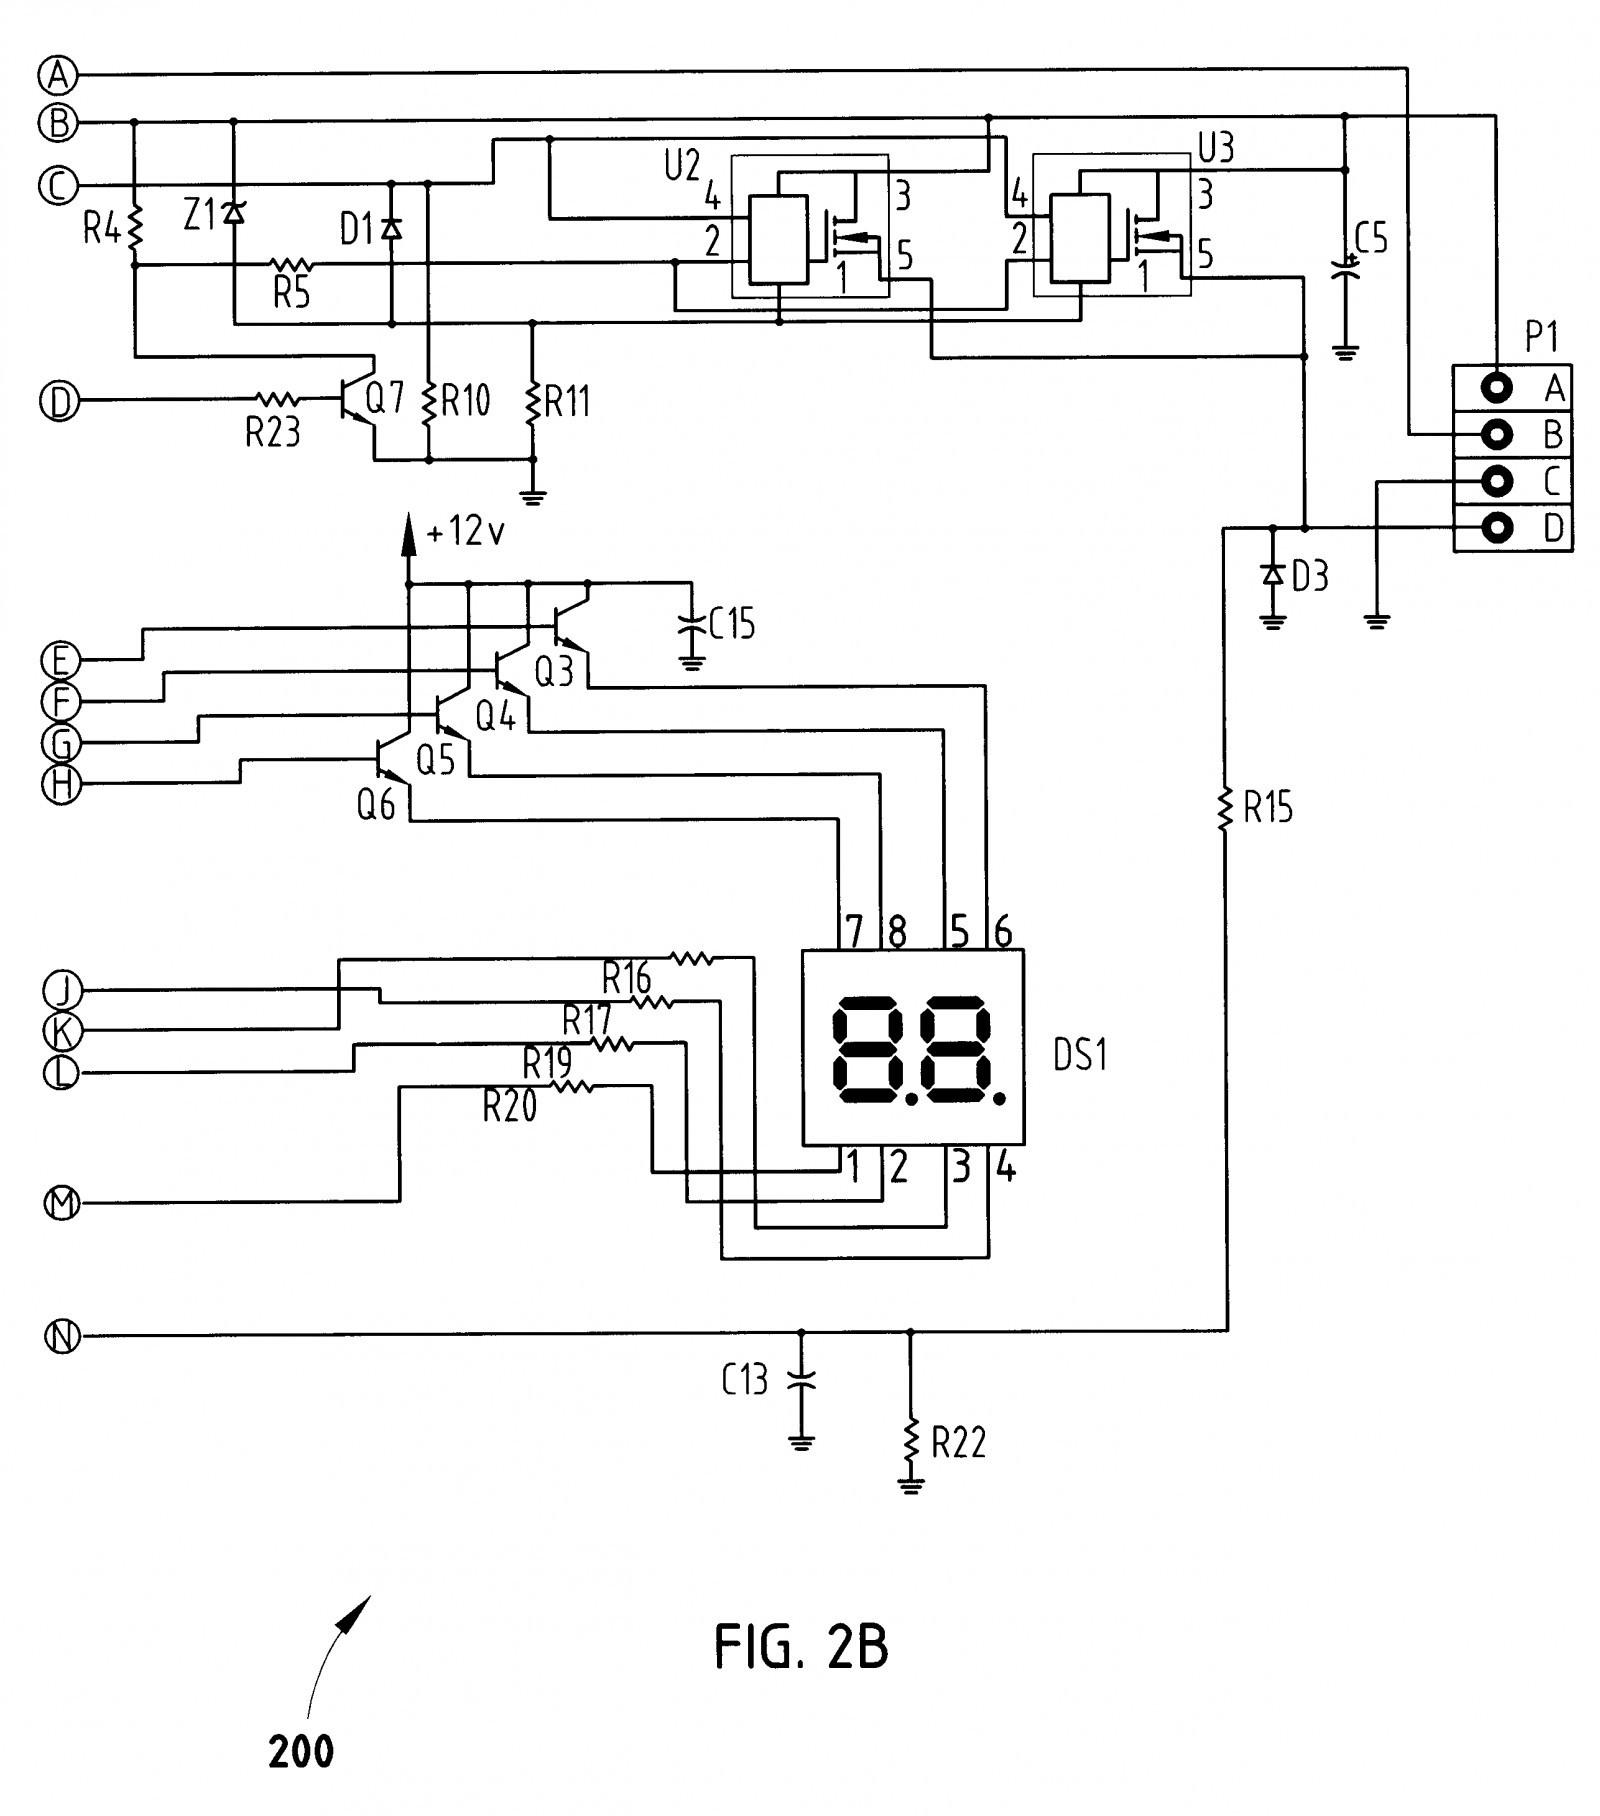 Curtis Plow Controller Wiring Diagram